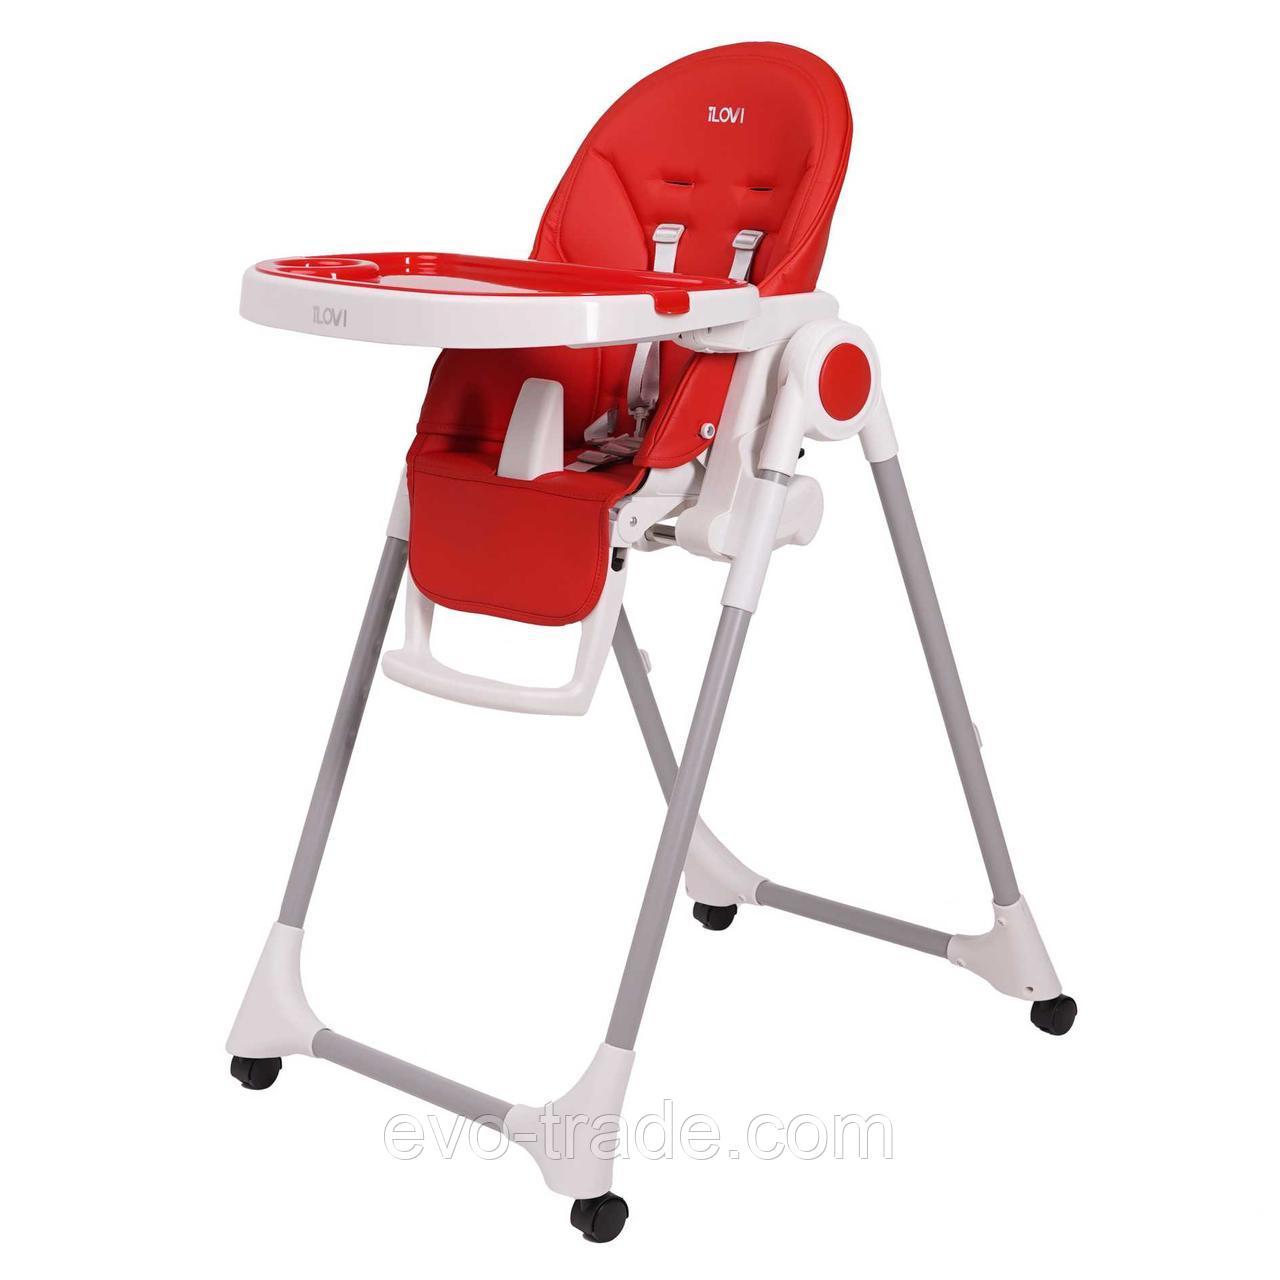 Стульчик для кормления iLovi Light с колесами Red